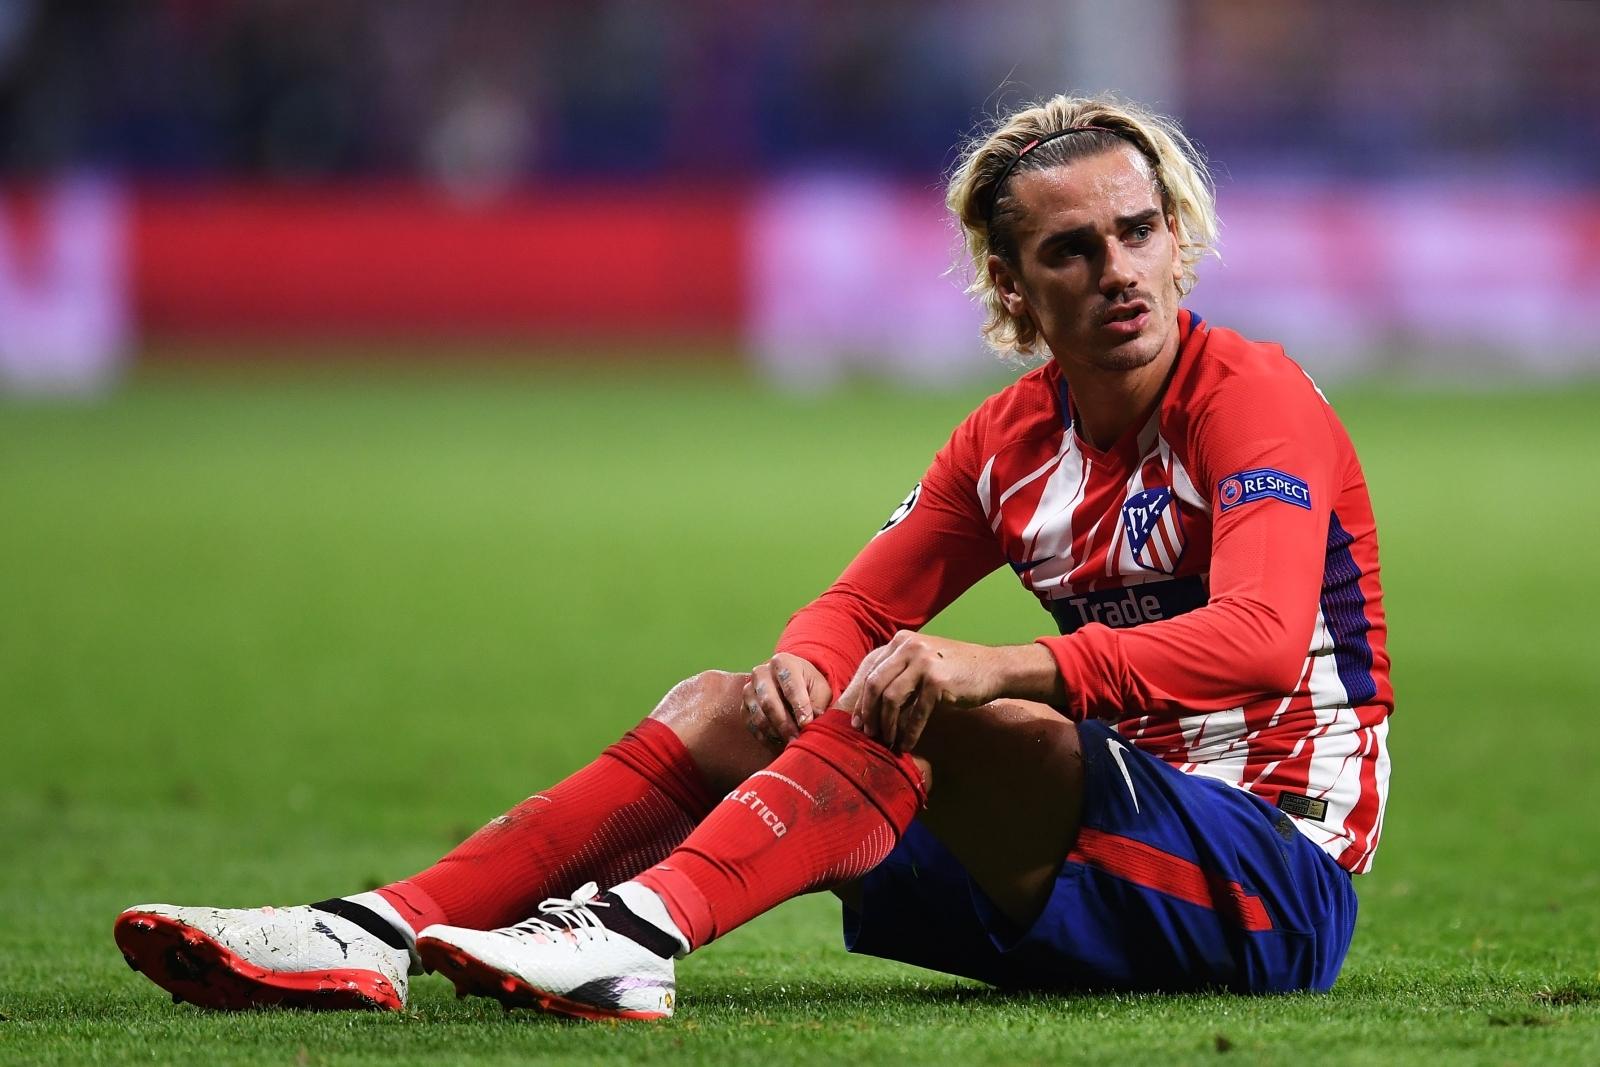 Barcelona agree big-money deal for France star